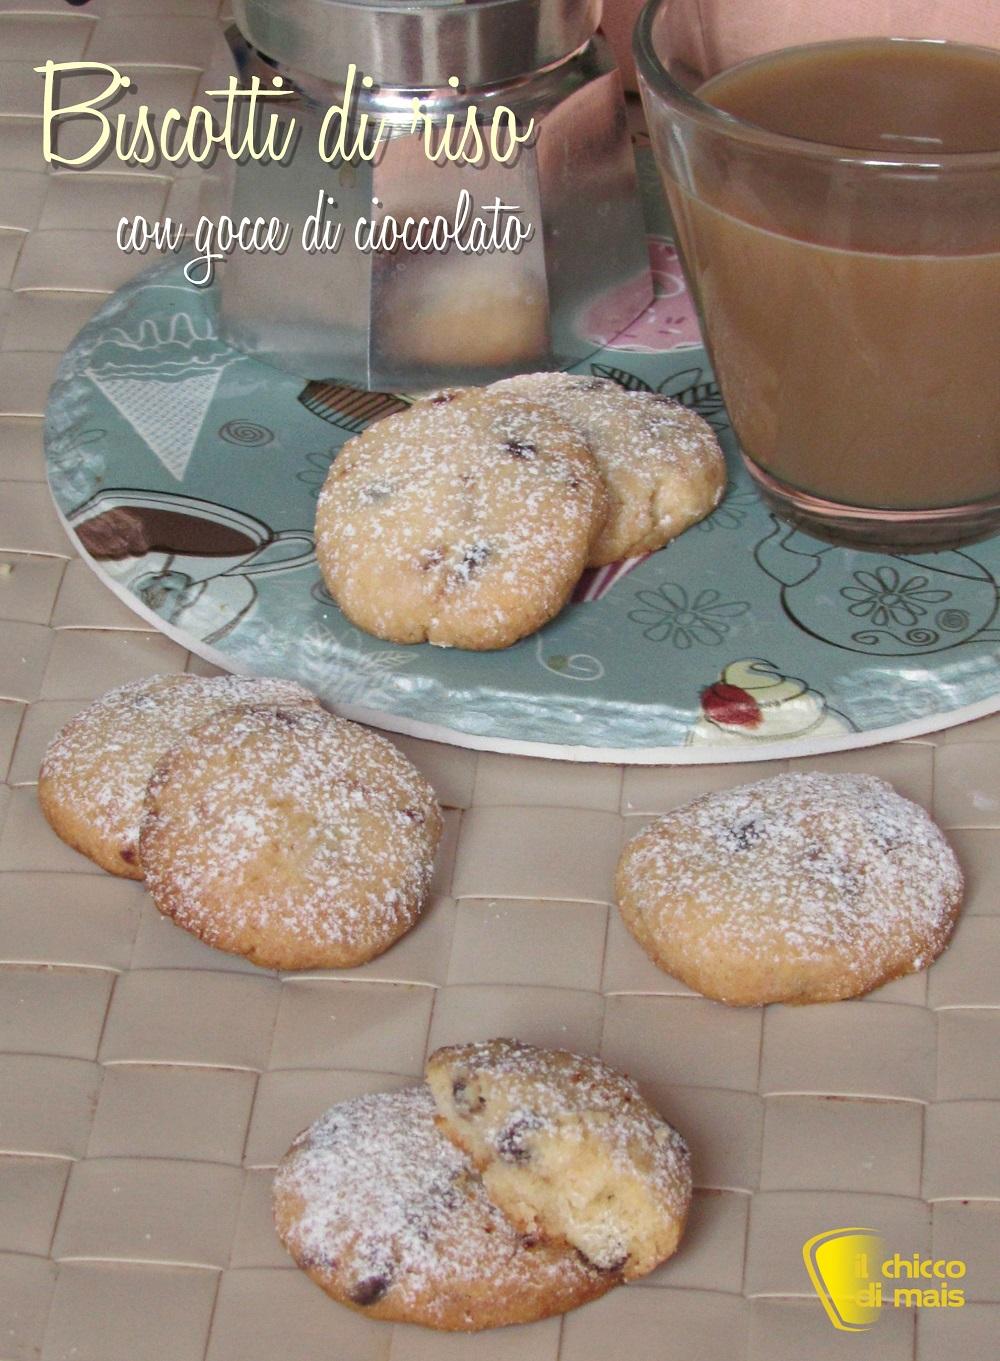 verticale_biscotti di riso con gocce di cioccolato ricetta facile senza glutine biscotti non si sbriciolano il chicco di mais